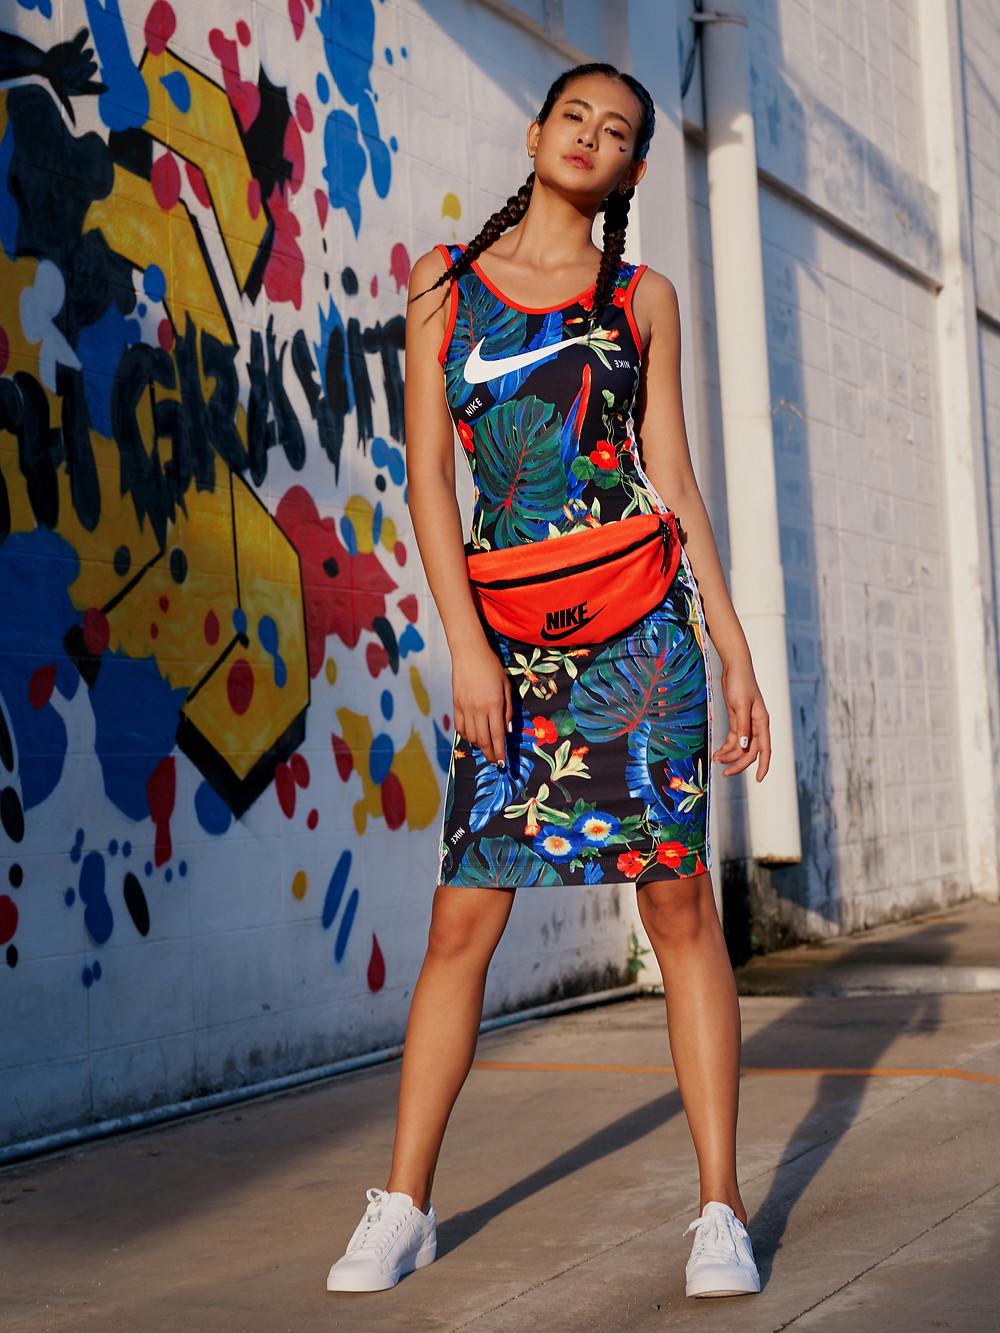 moderadamente secundario ven  Zalora Partners With Nike To Bring The Nike Hyper Flora Collection